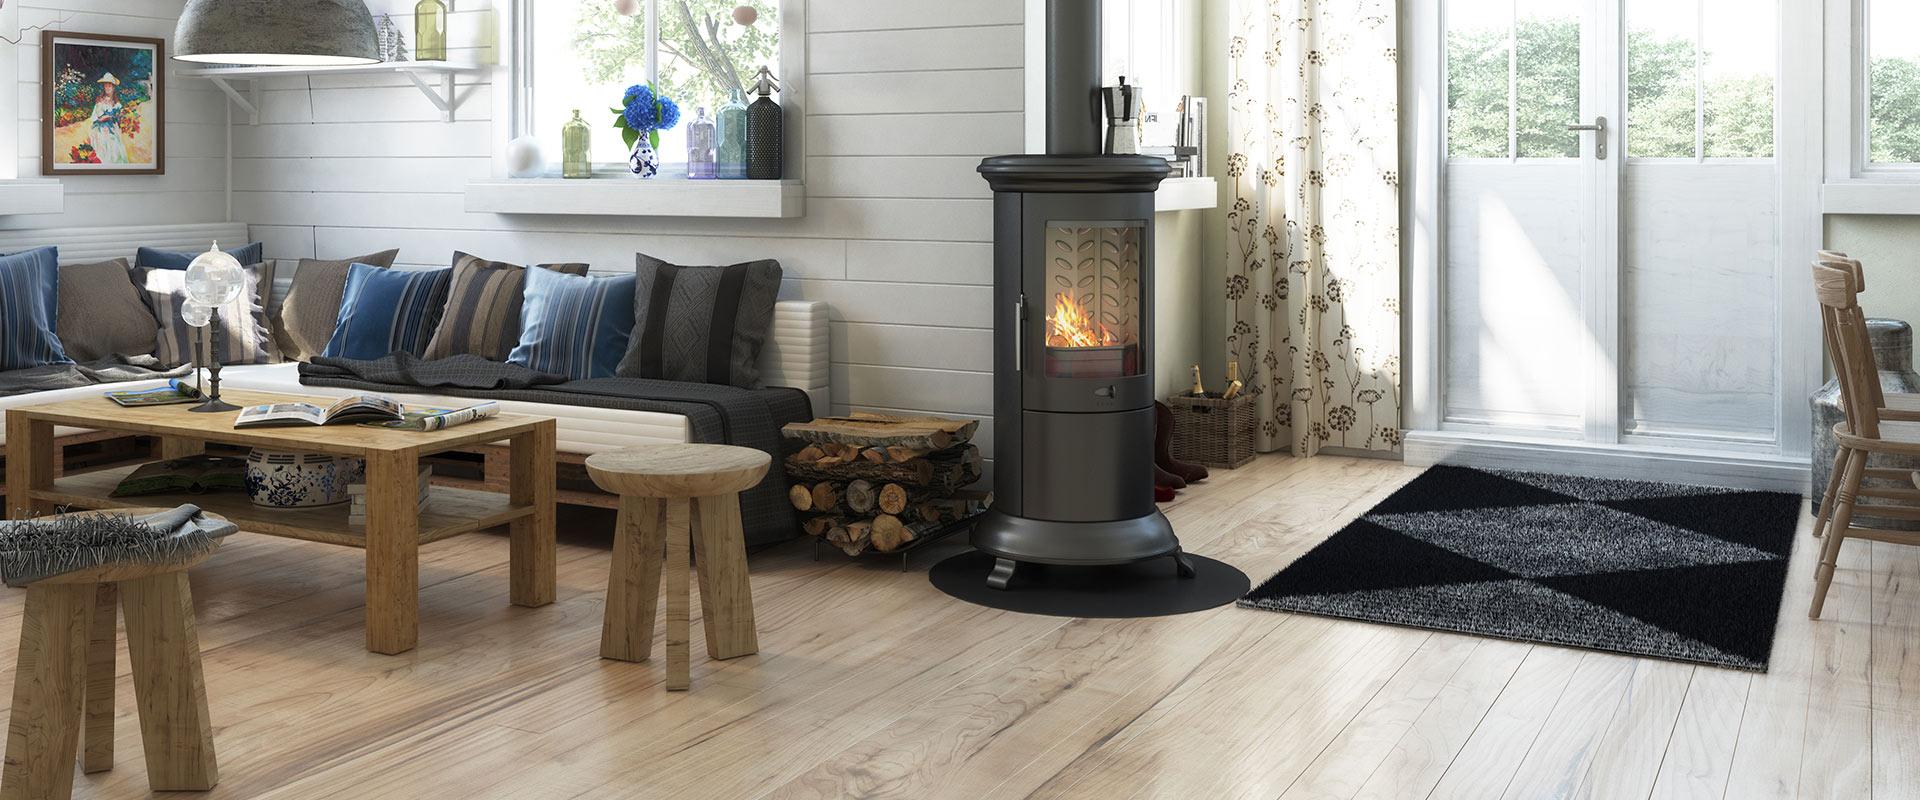 Artisan spécialiste du poêle à bois et de la cheminée en Gironde